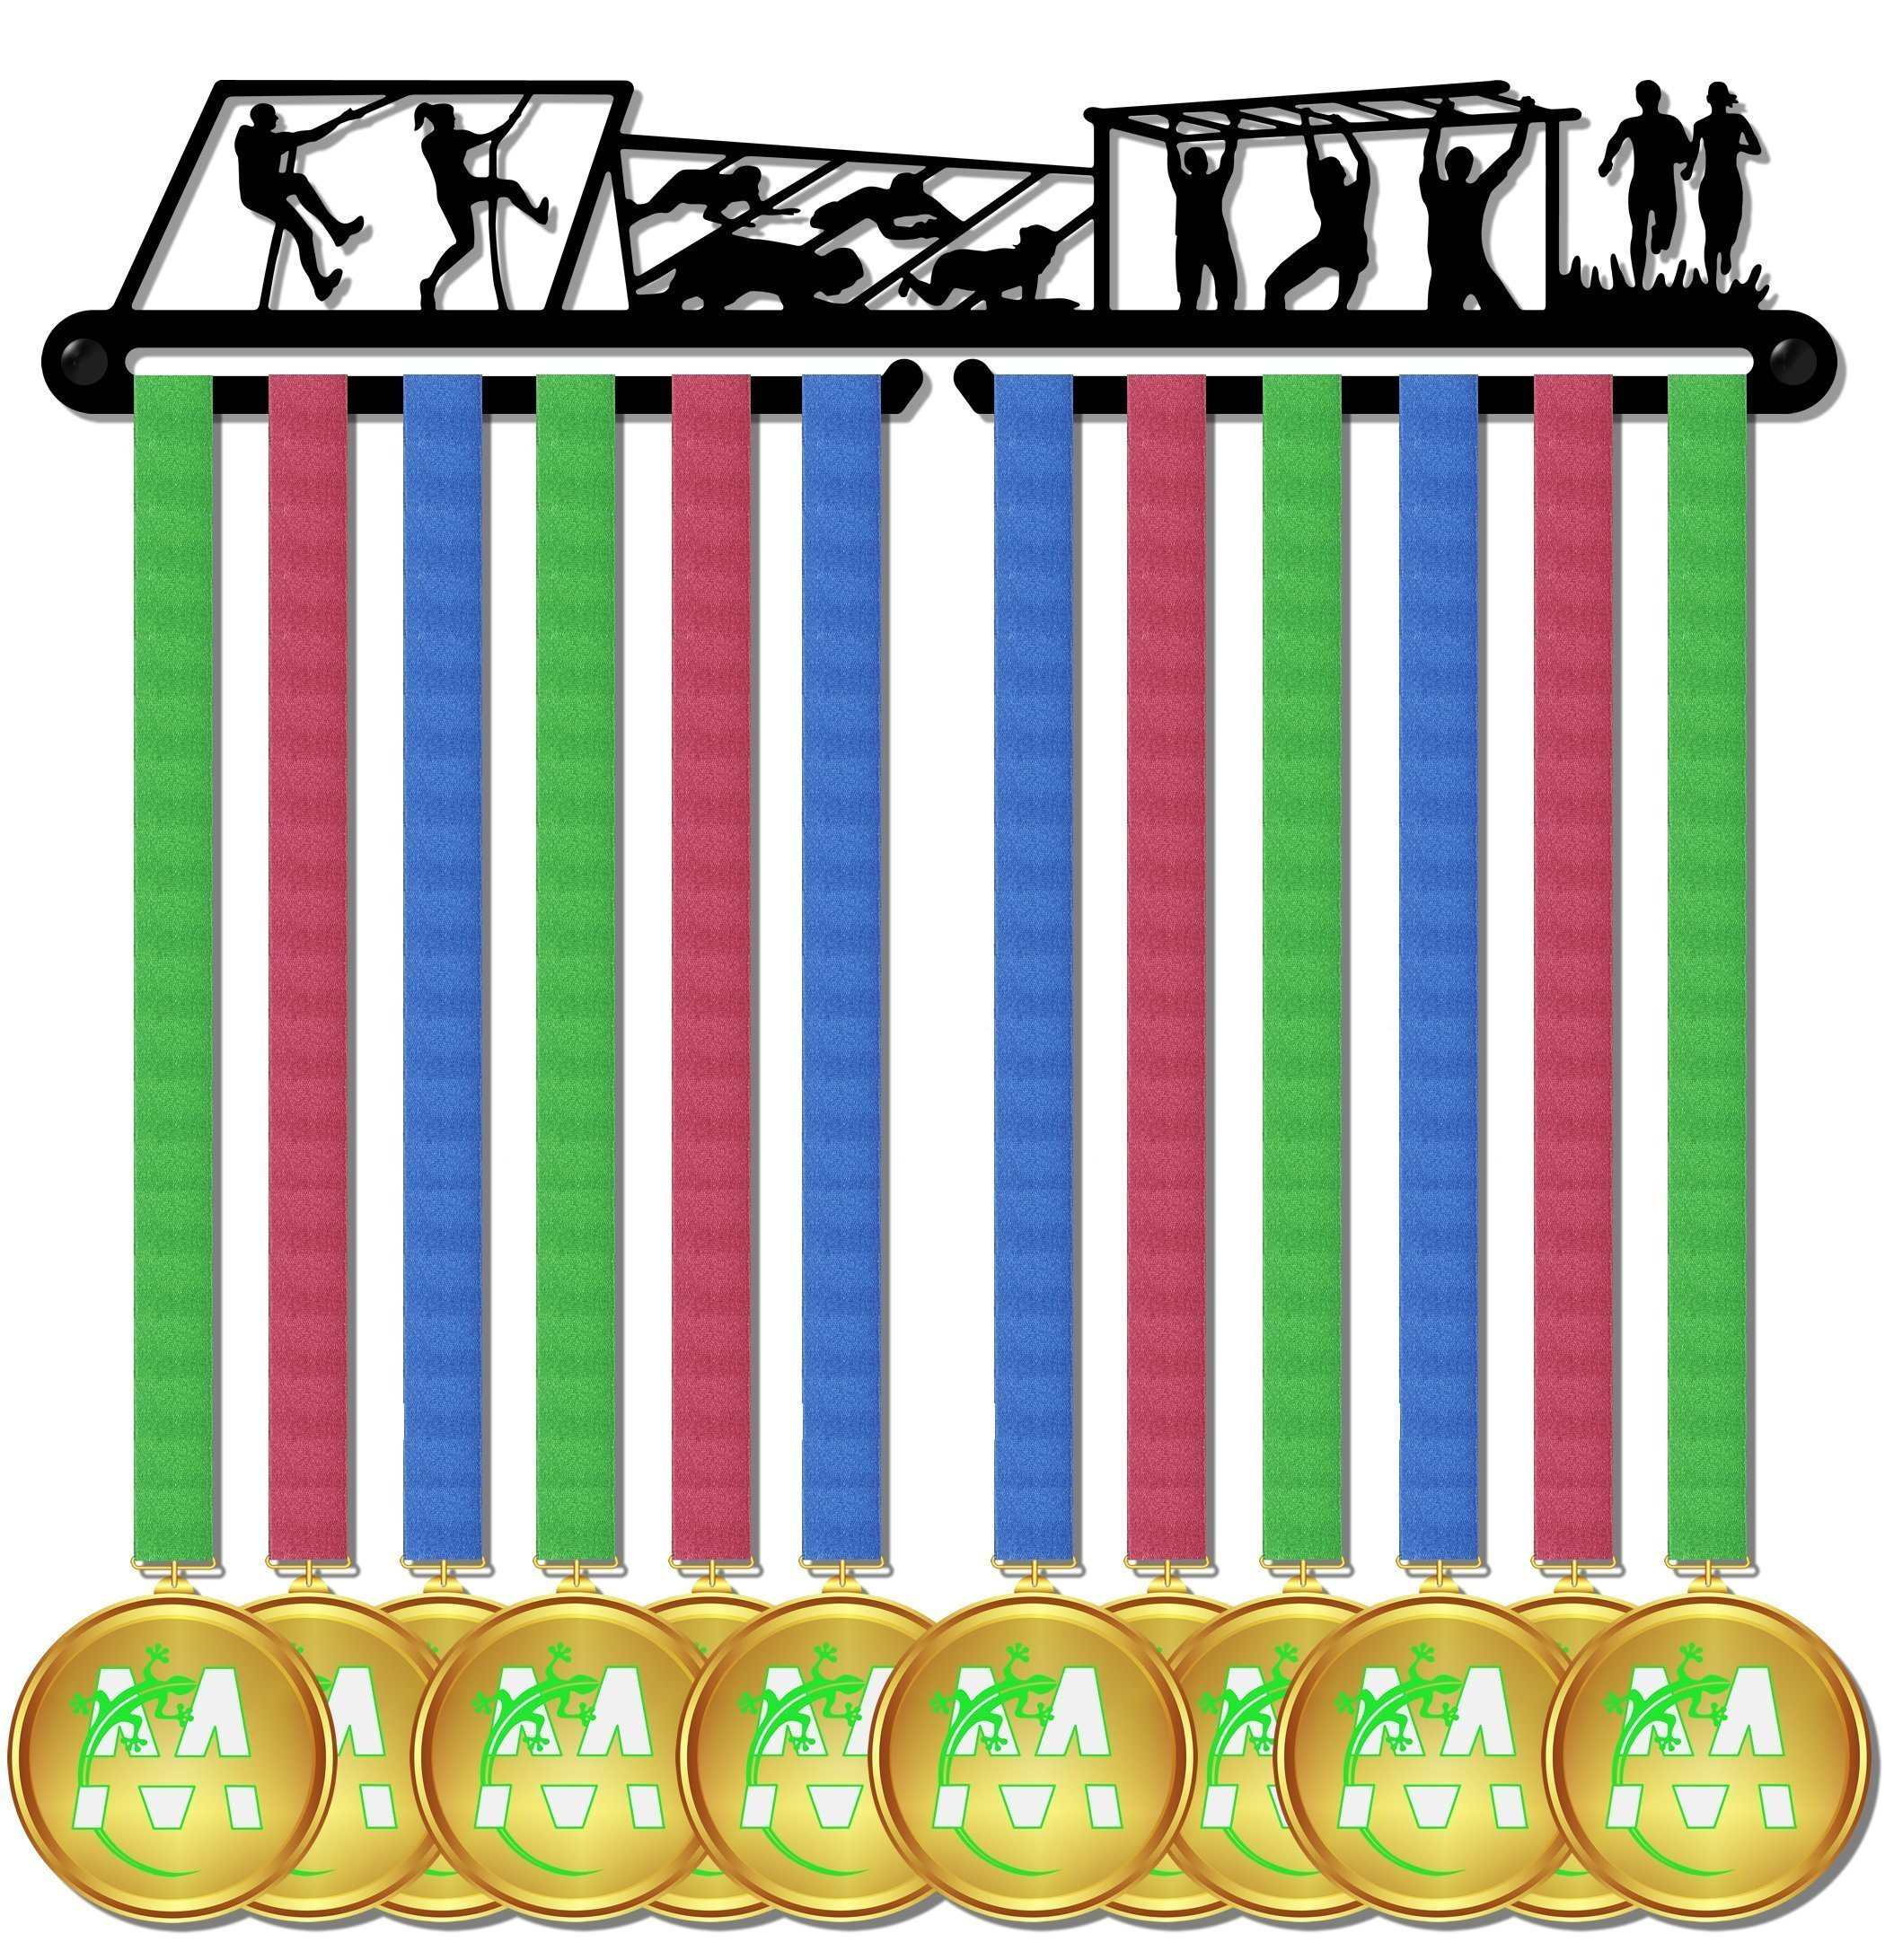 Medal Display medagliere da muro medal hanger ocr design